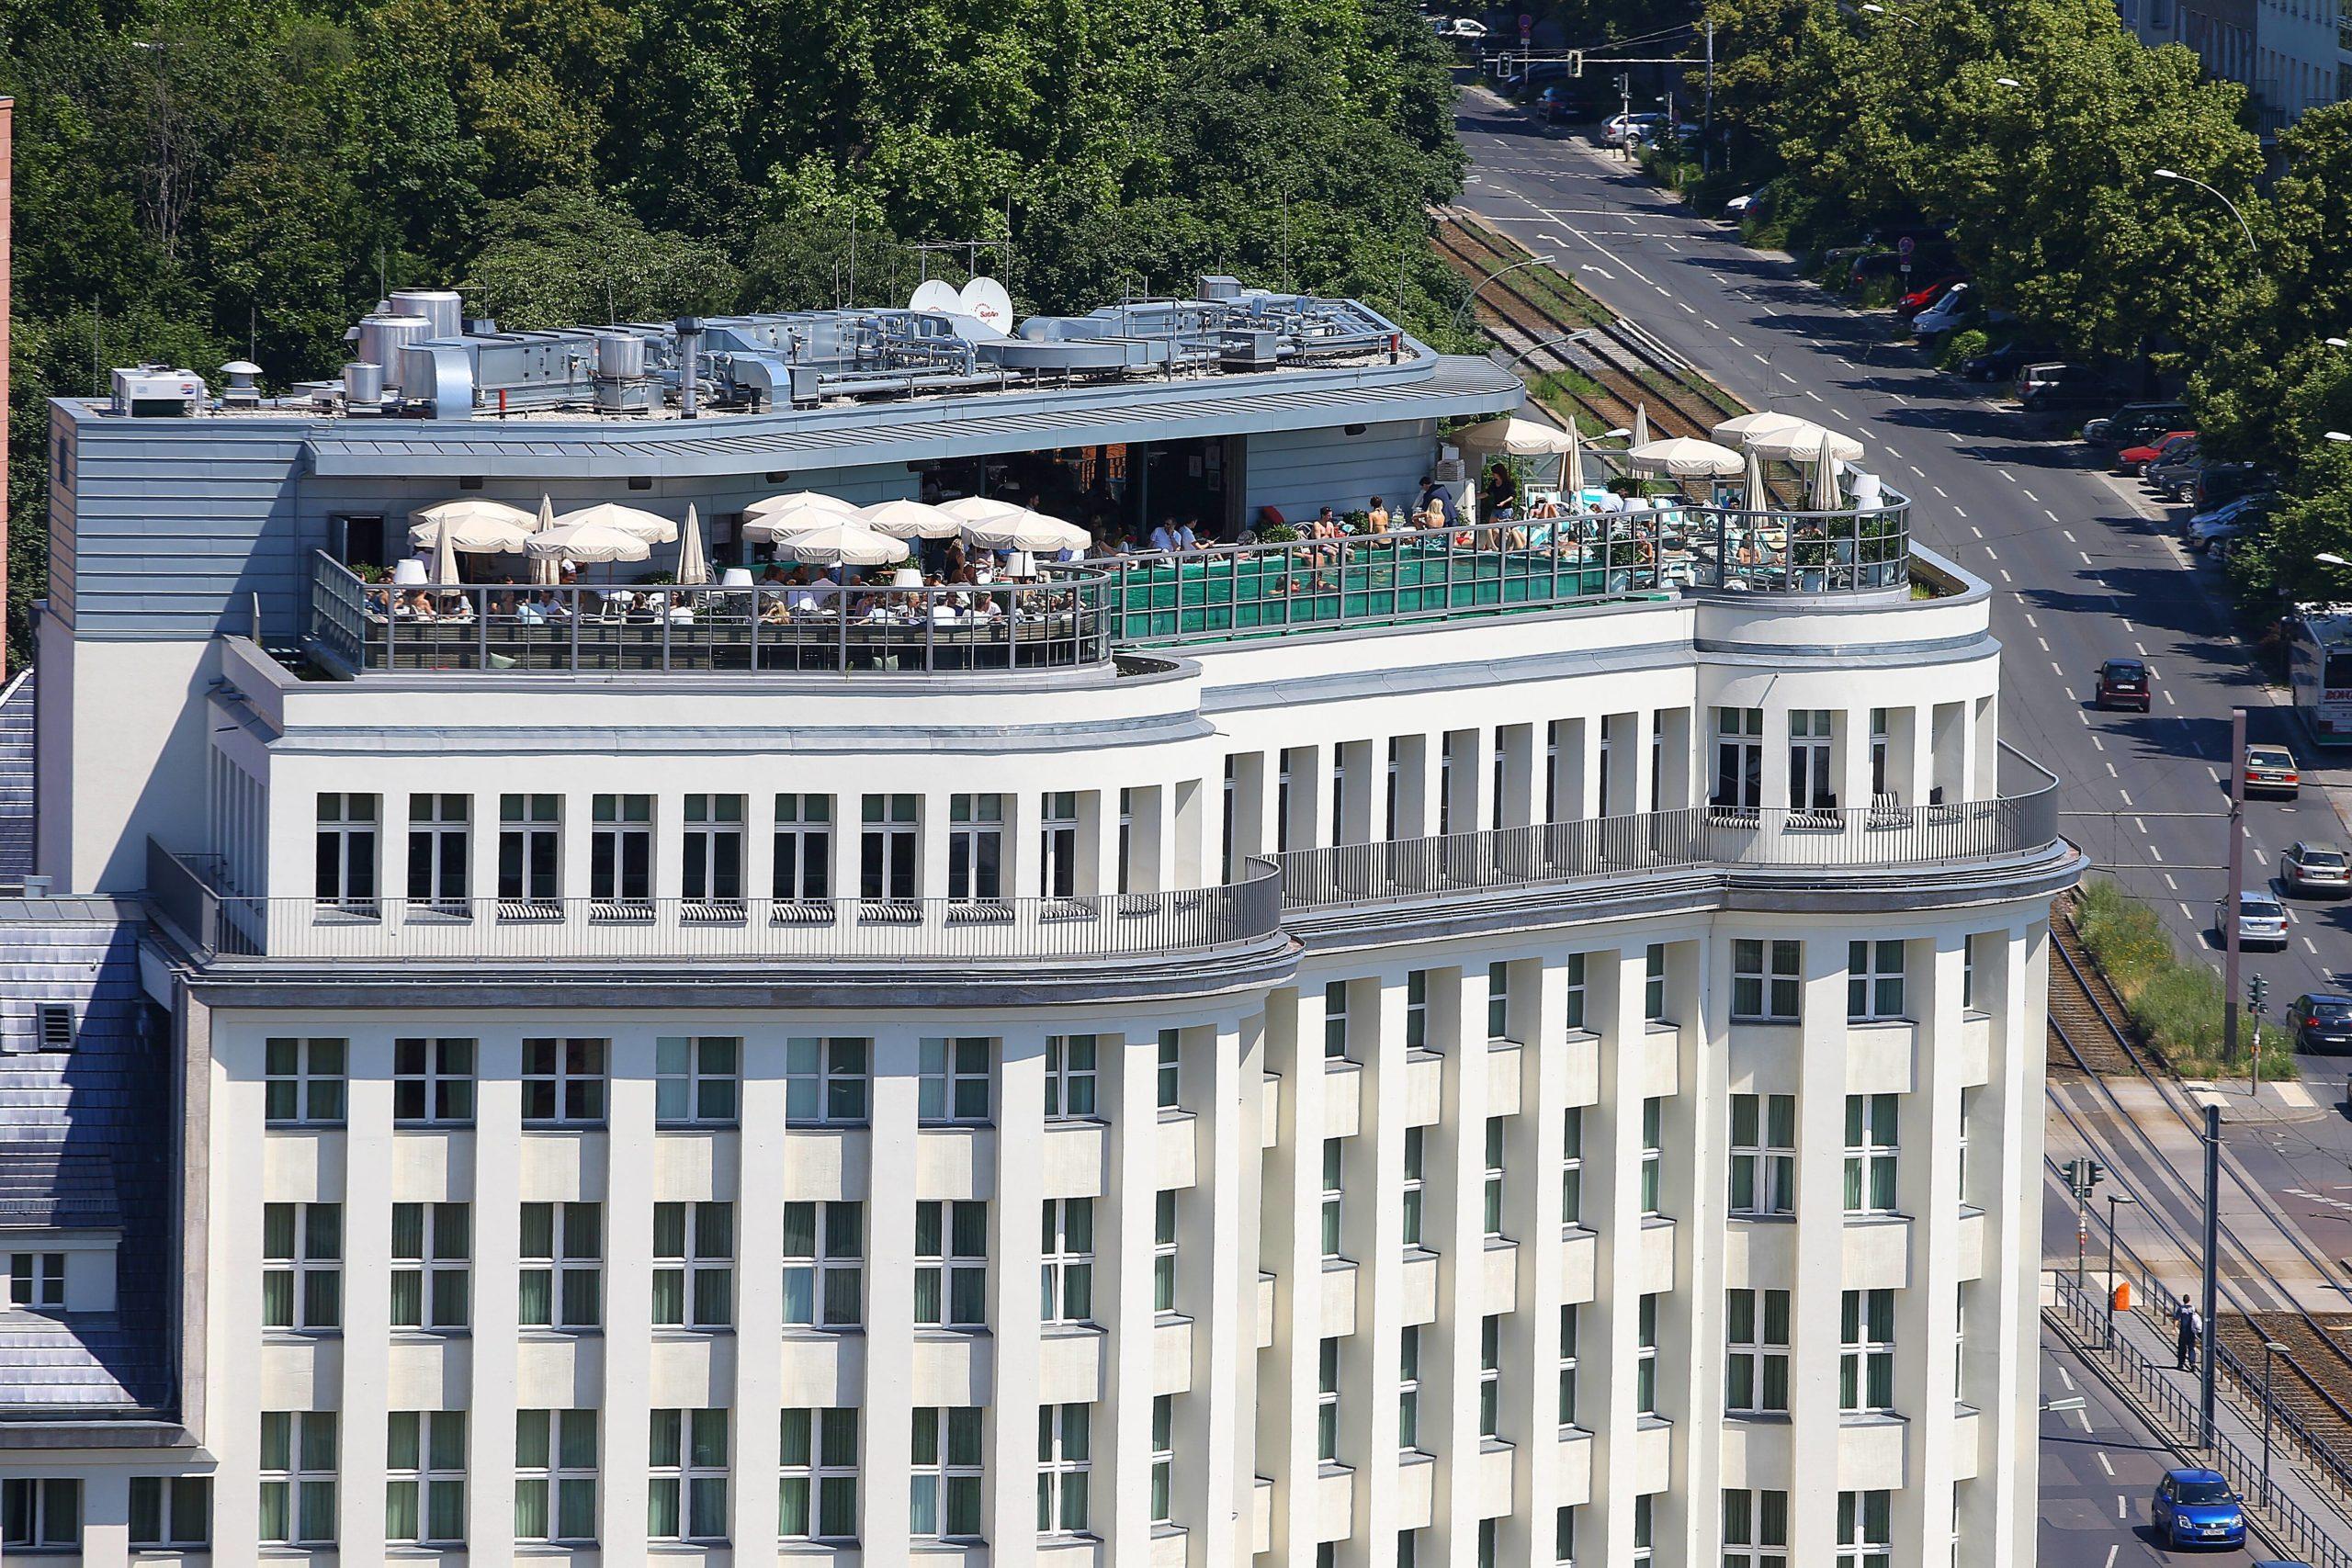 Das Soho House ist ein Privat-Club in Berlin Mitte. Toller Pool auf der Dachterrasse, leider kommt nicht jeder rein.